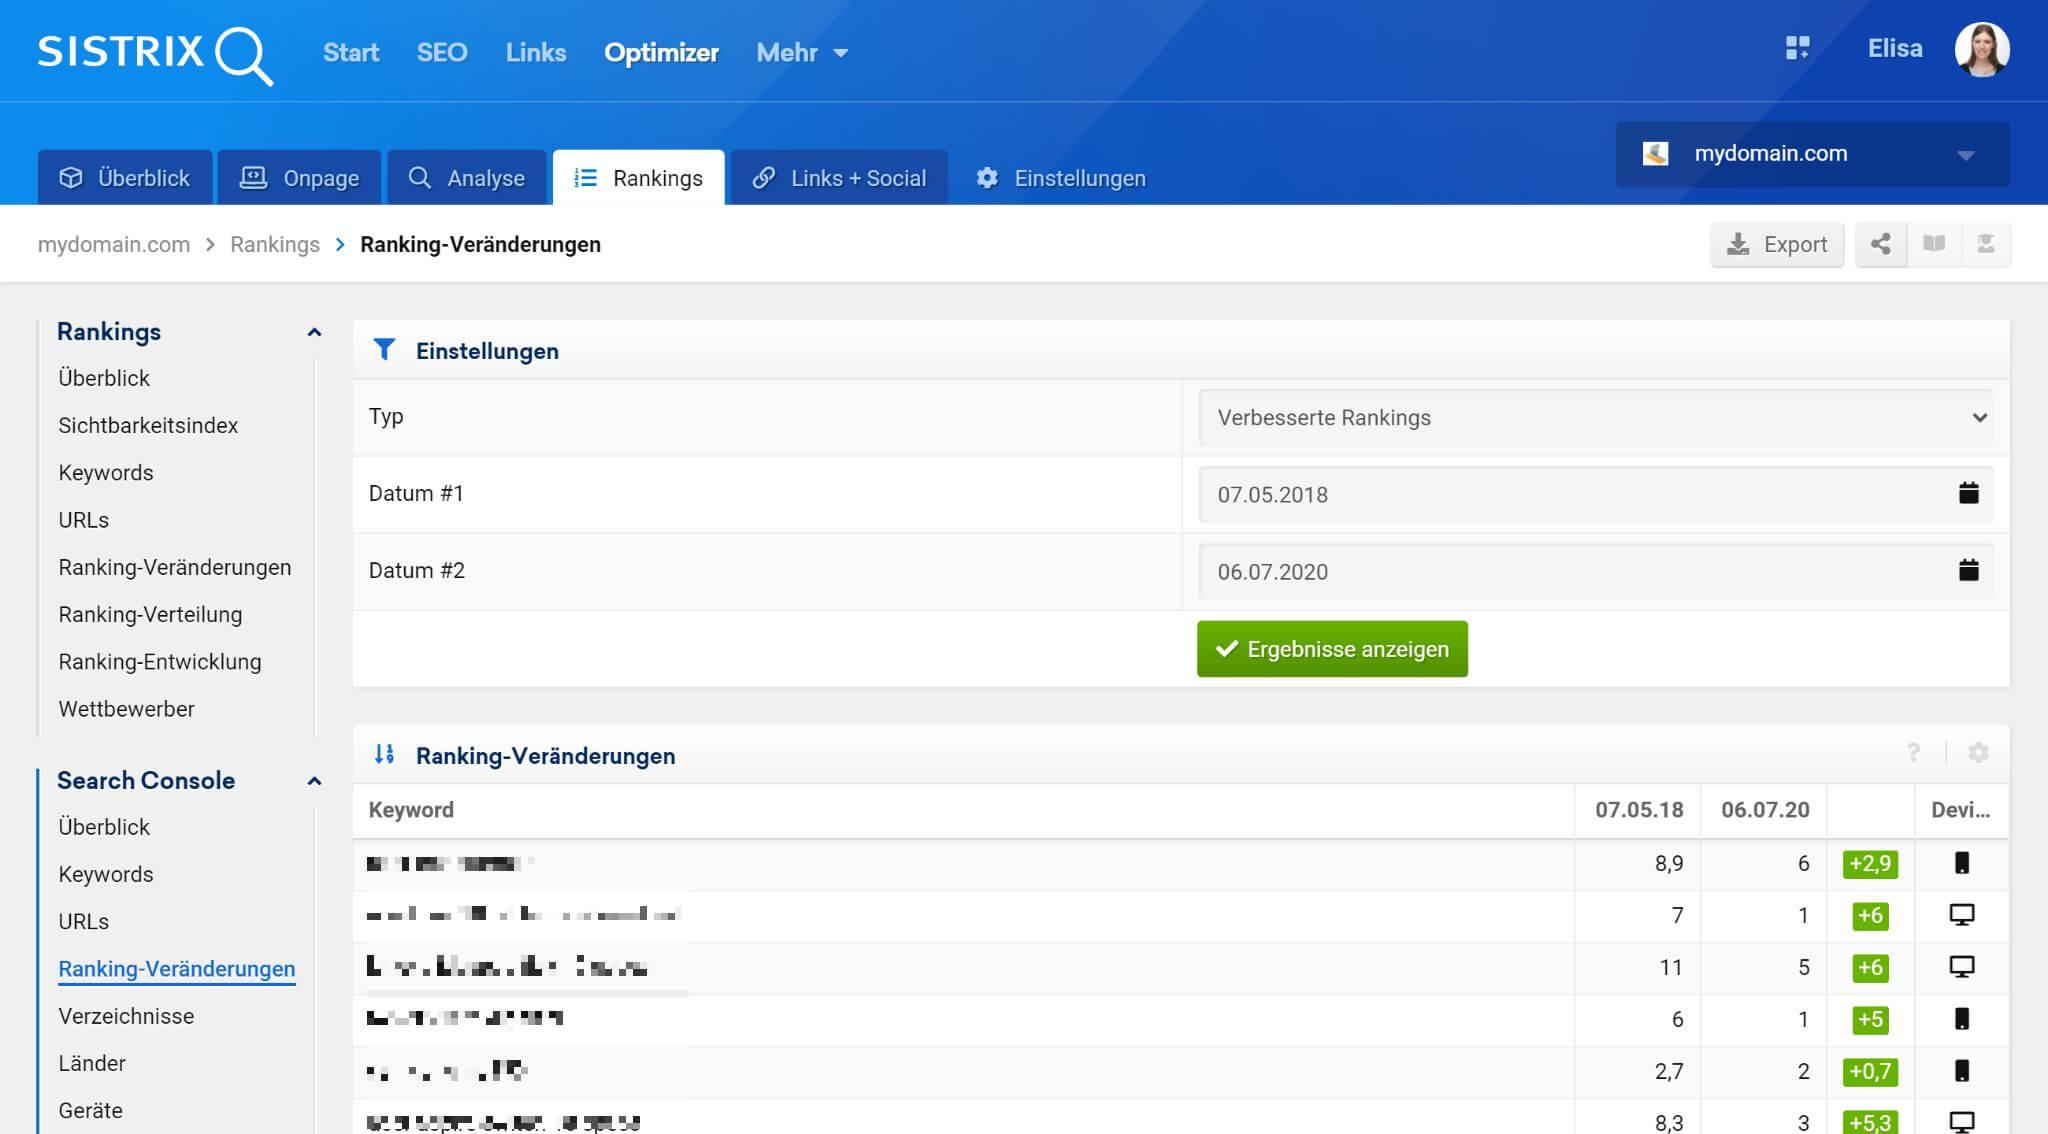 """Im Abschnitt """"Ranking-Veränderungen"""" kannst du alle Änderungen an den Keyword-Positionen deiner Website zwischen zwei verschiedenen Daten sehen."""